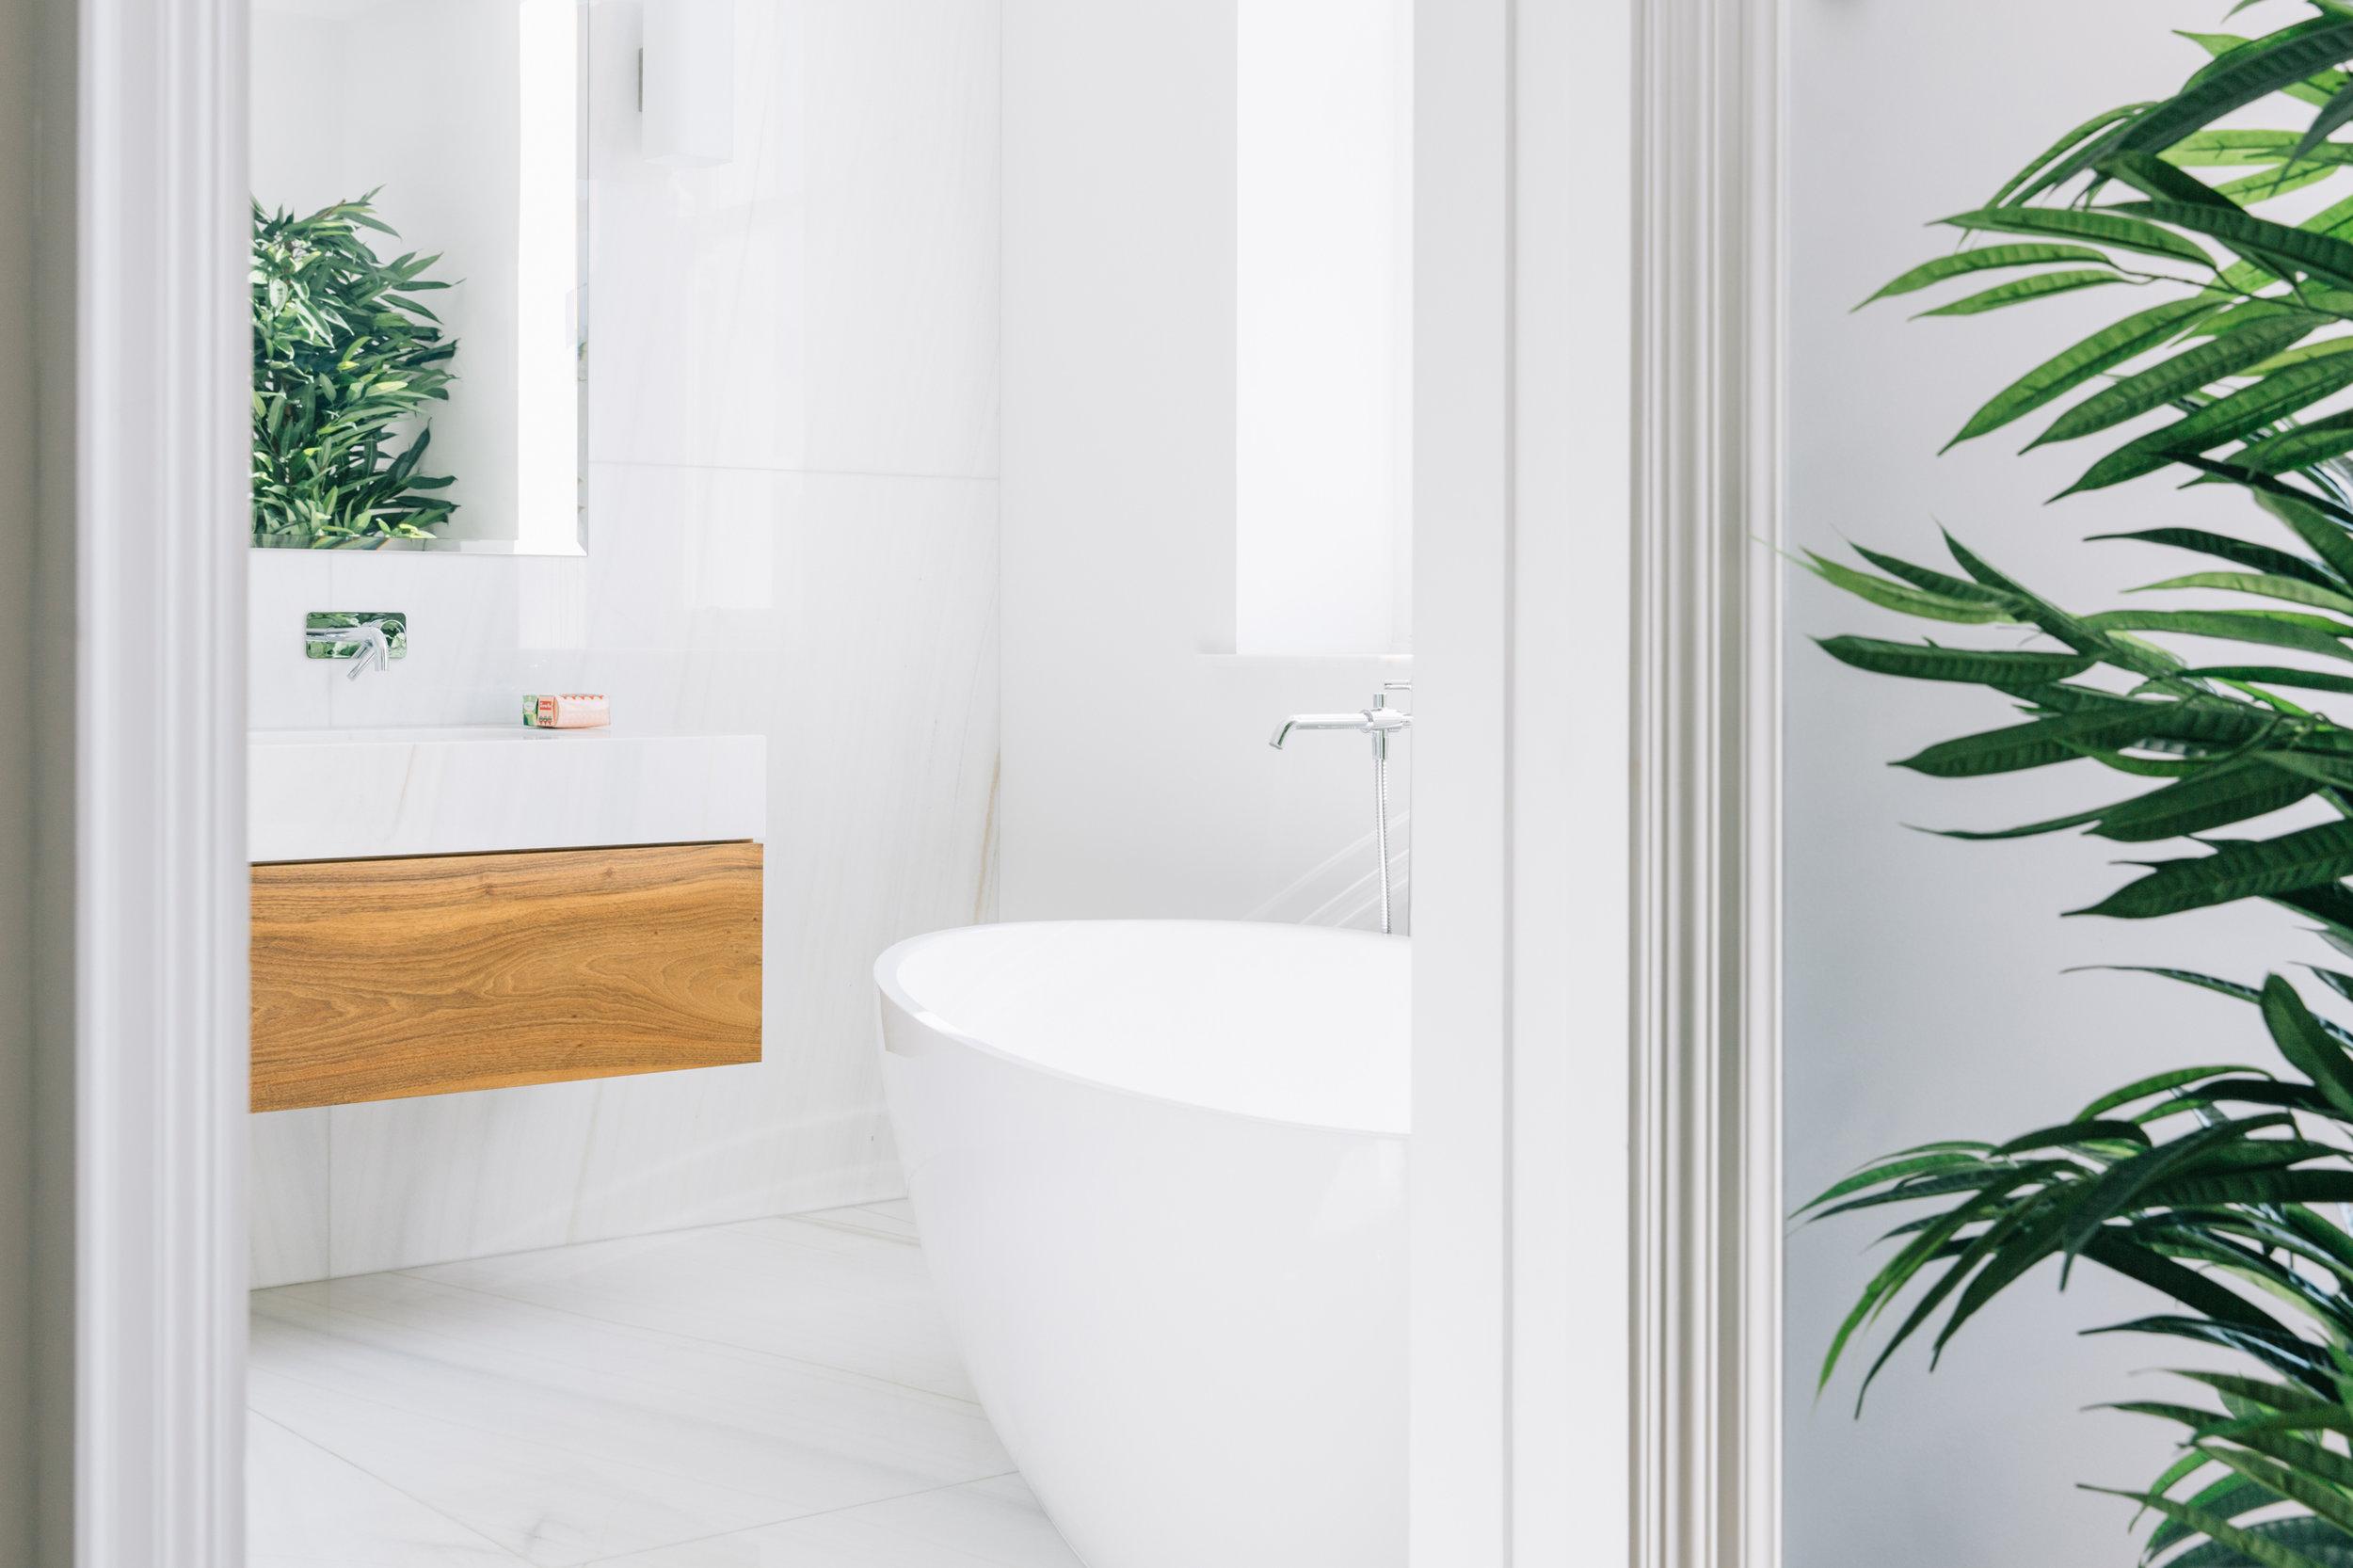 The_Wetherby_011_bathroom.jpg